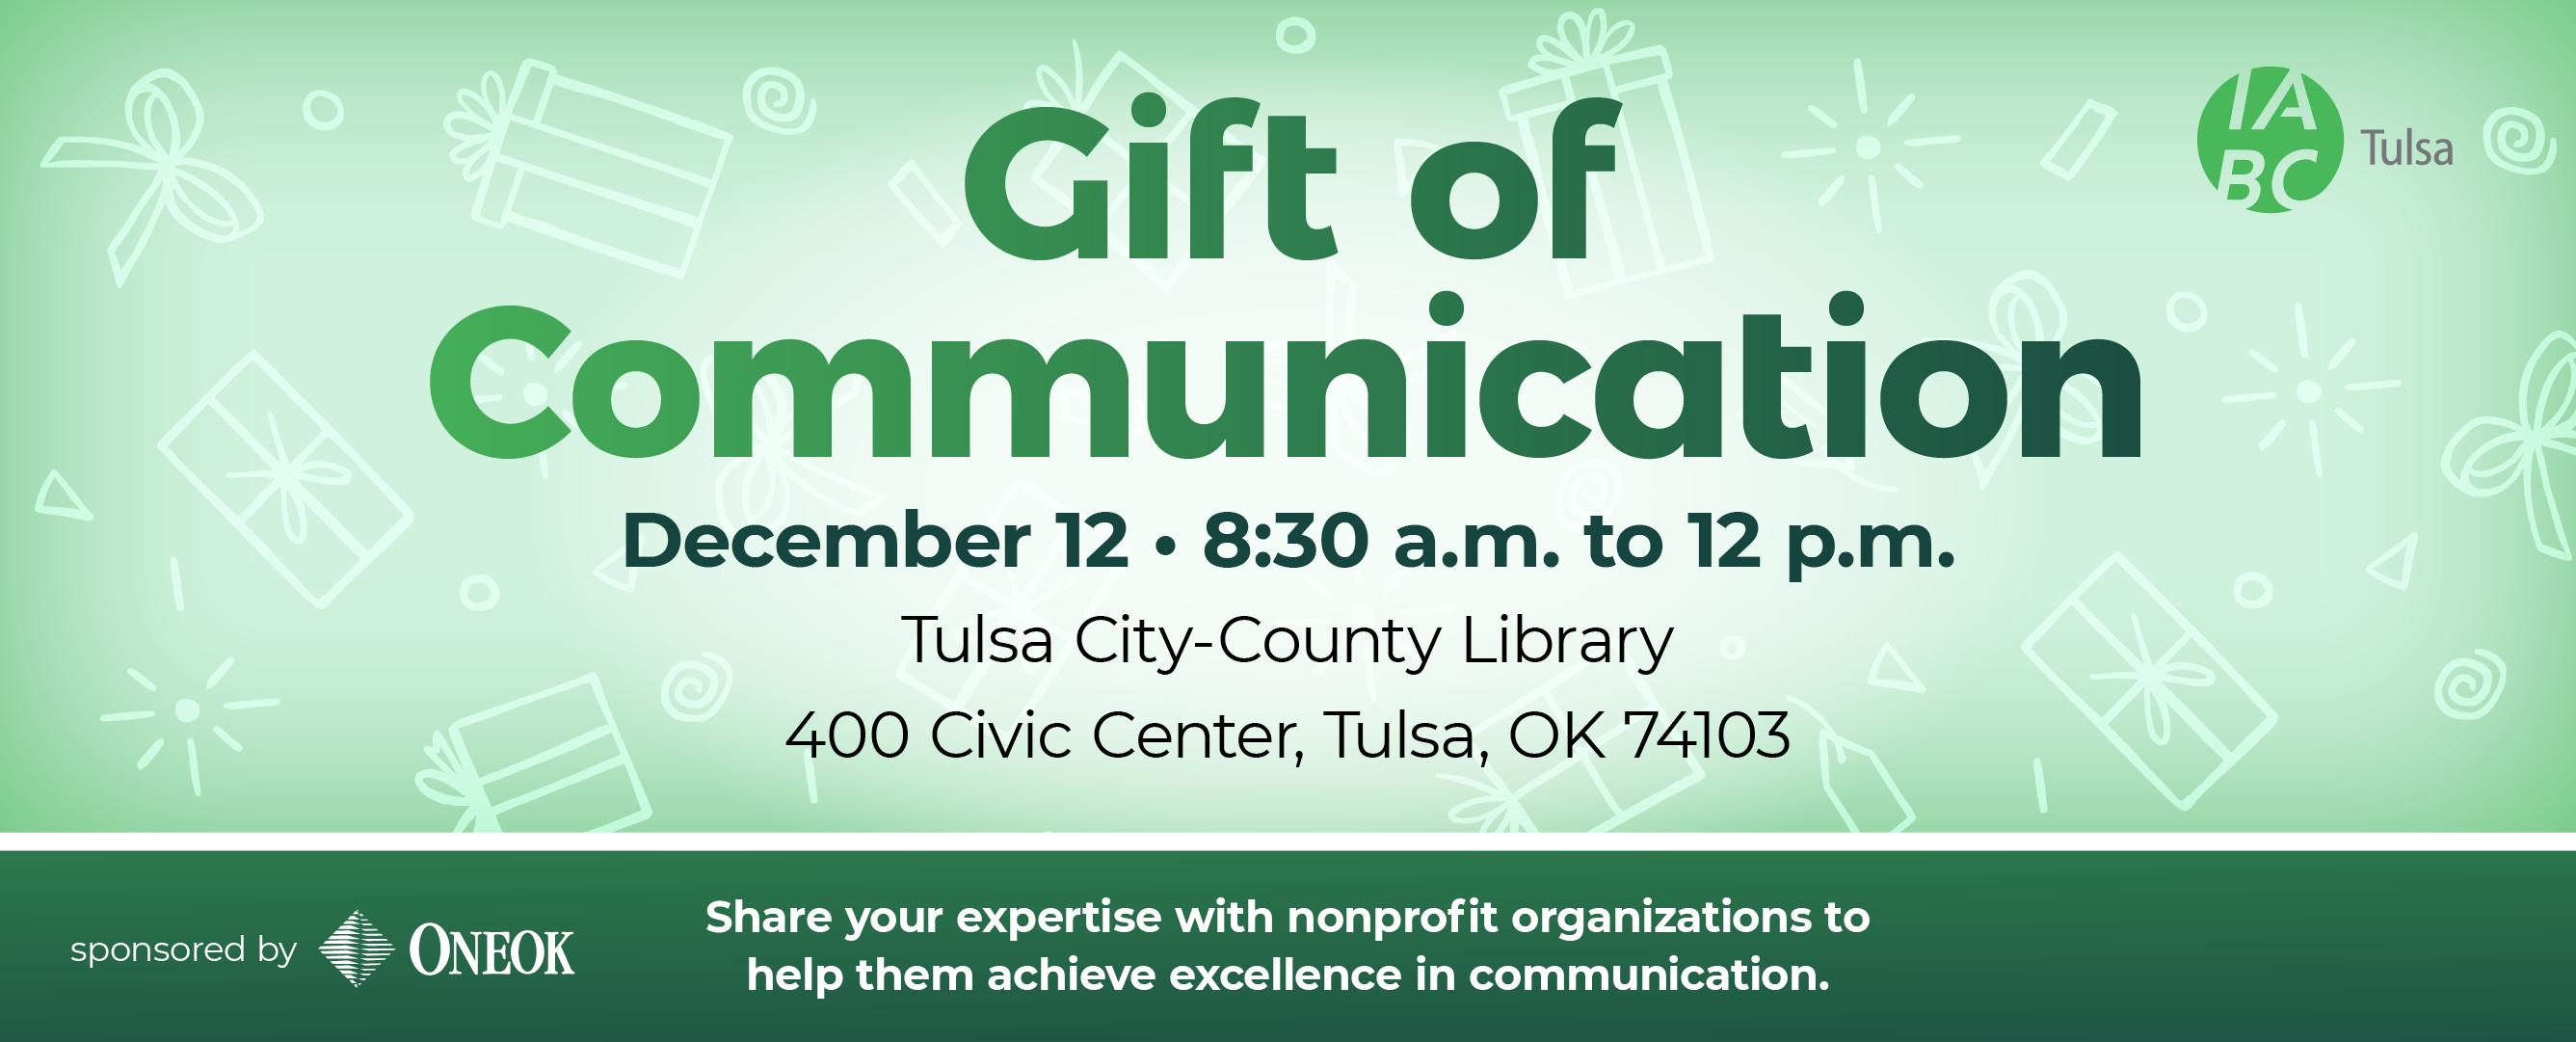 Gift fo Communications IABC Tulsa